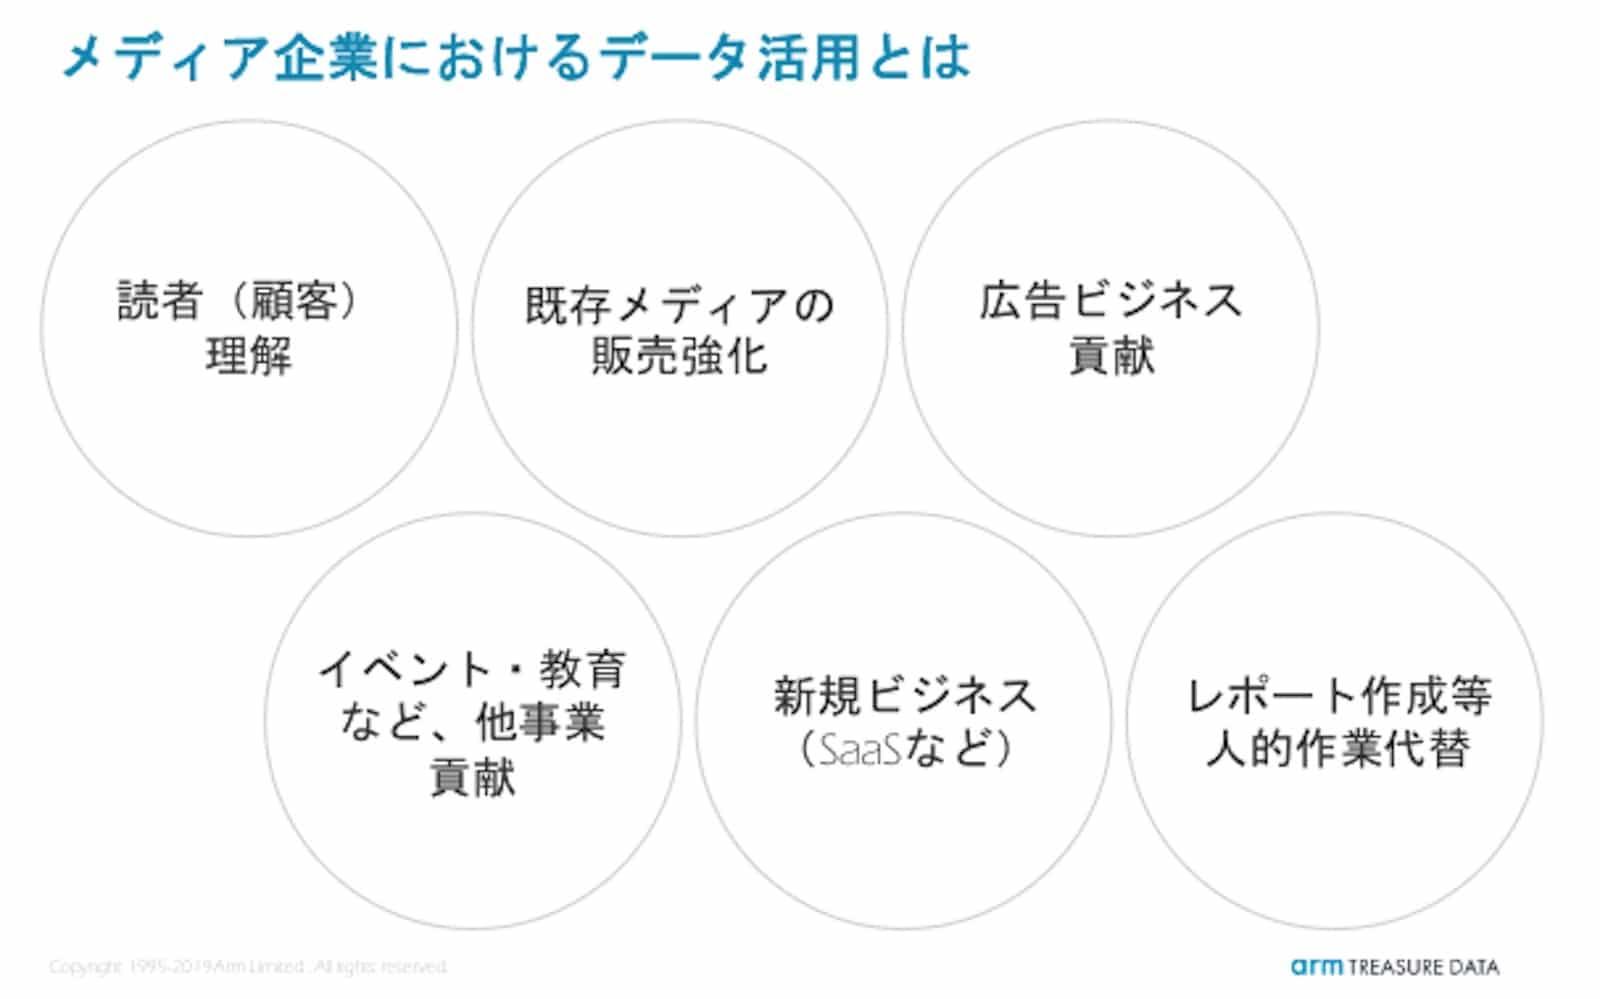 資料:メディア企業におけるデータ活用6パターン